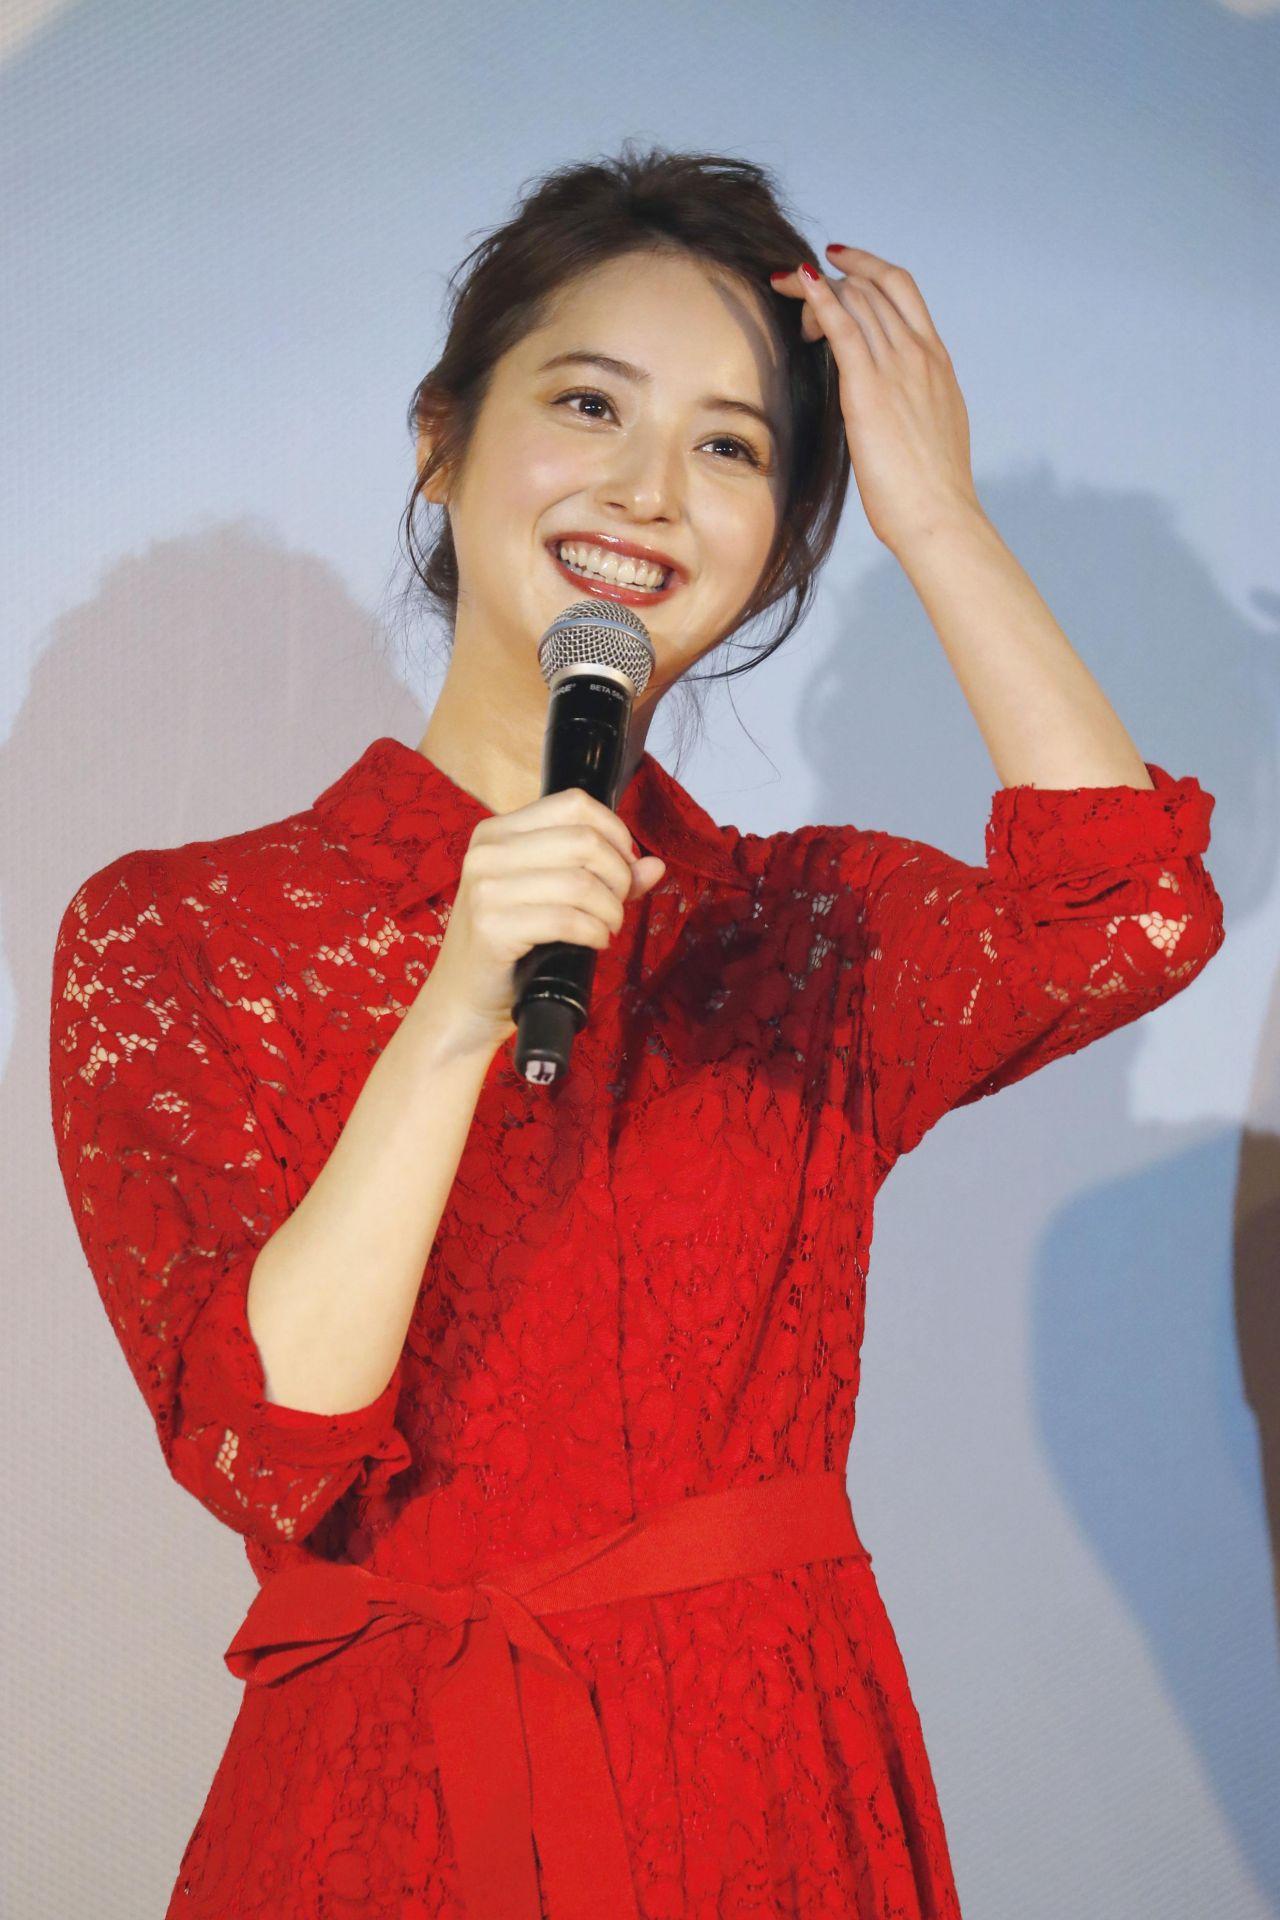 Nozomi Sasaki Latest Photos Celebmafia